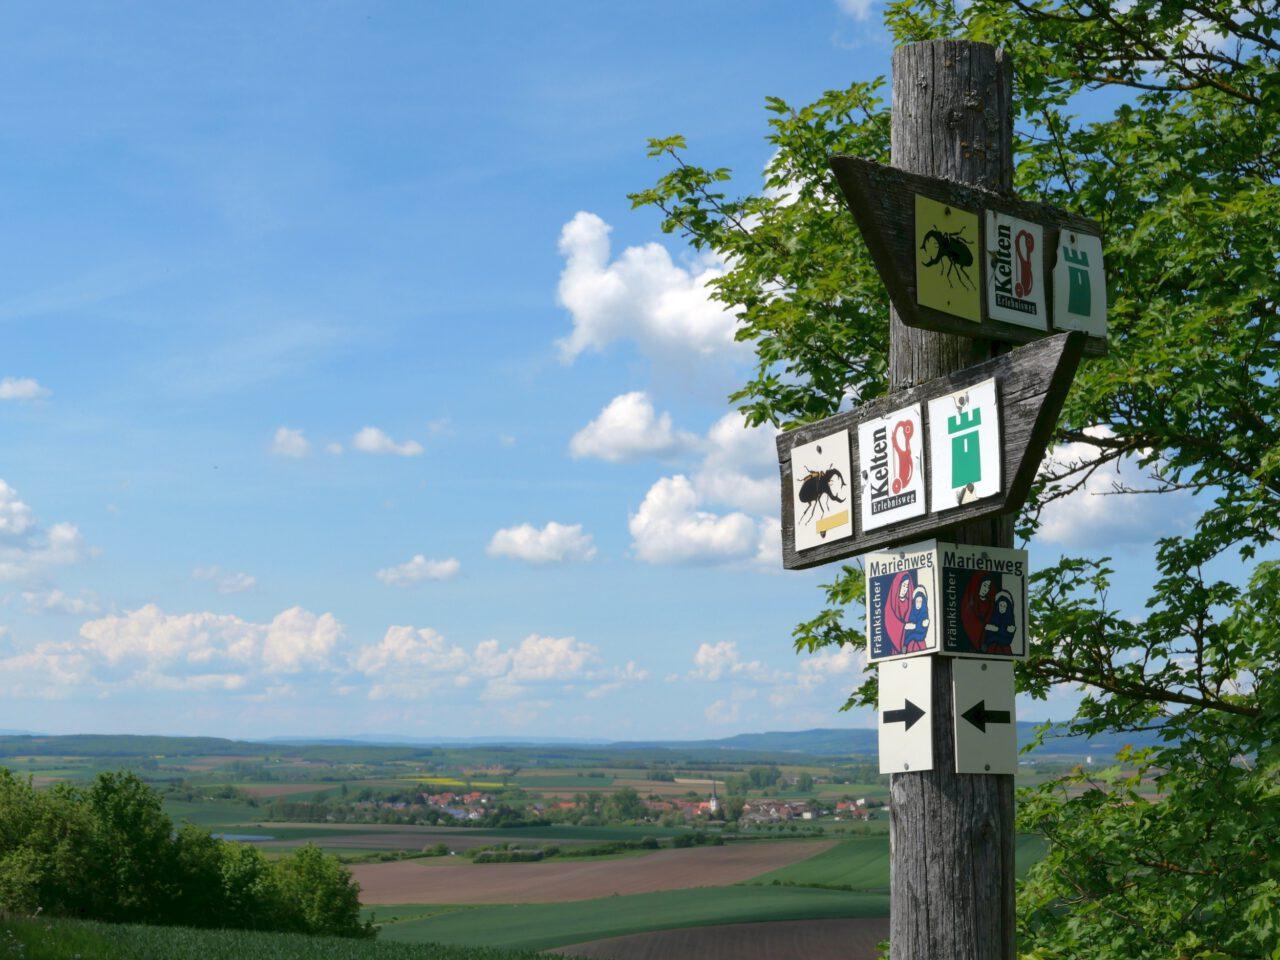 Eigene Fußspuren setzen - Anregungen dzu bieten abgelegen Wege, die aber doch Wegweiser haben - wie der Keltenweg bei Königsberg in Bayern in den Haßbergen